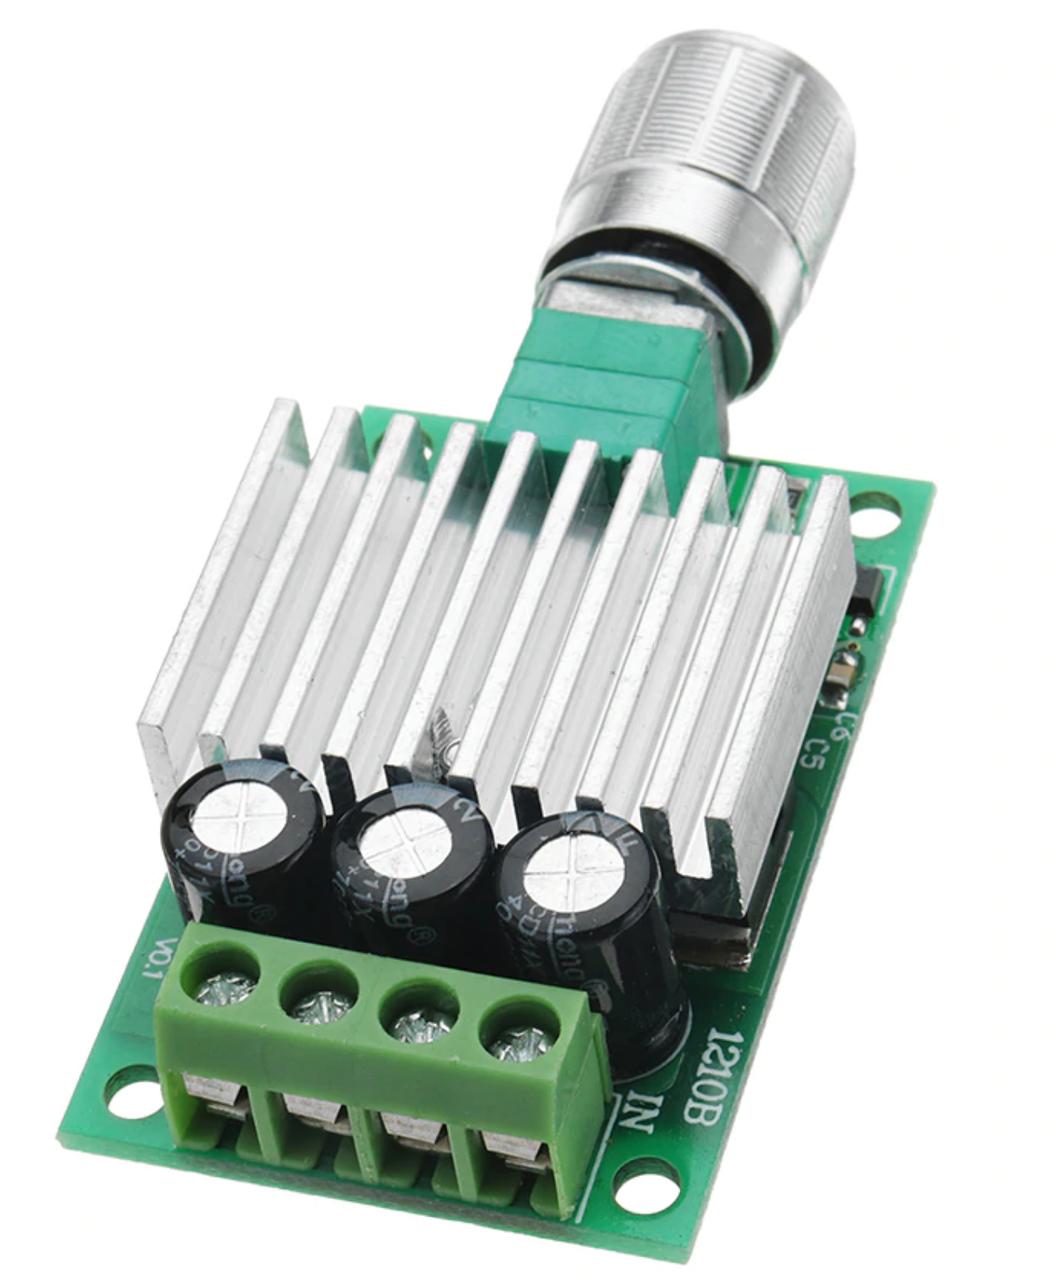 ШИМ контроллер. Управление скоростью двигателя постоянного тока с регулировкой 12-30В 10А